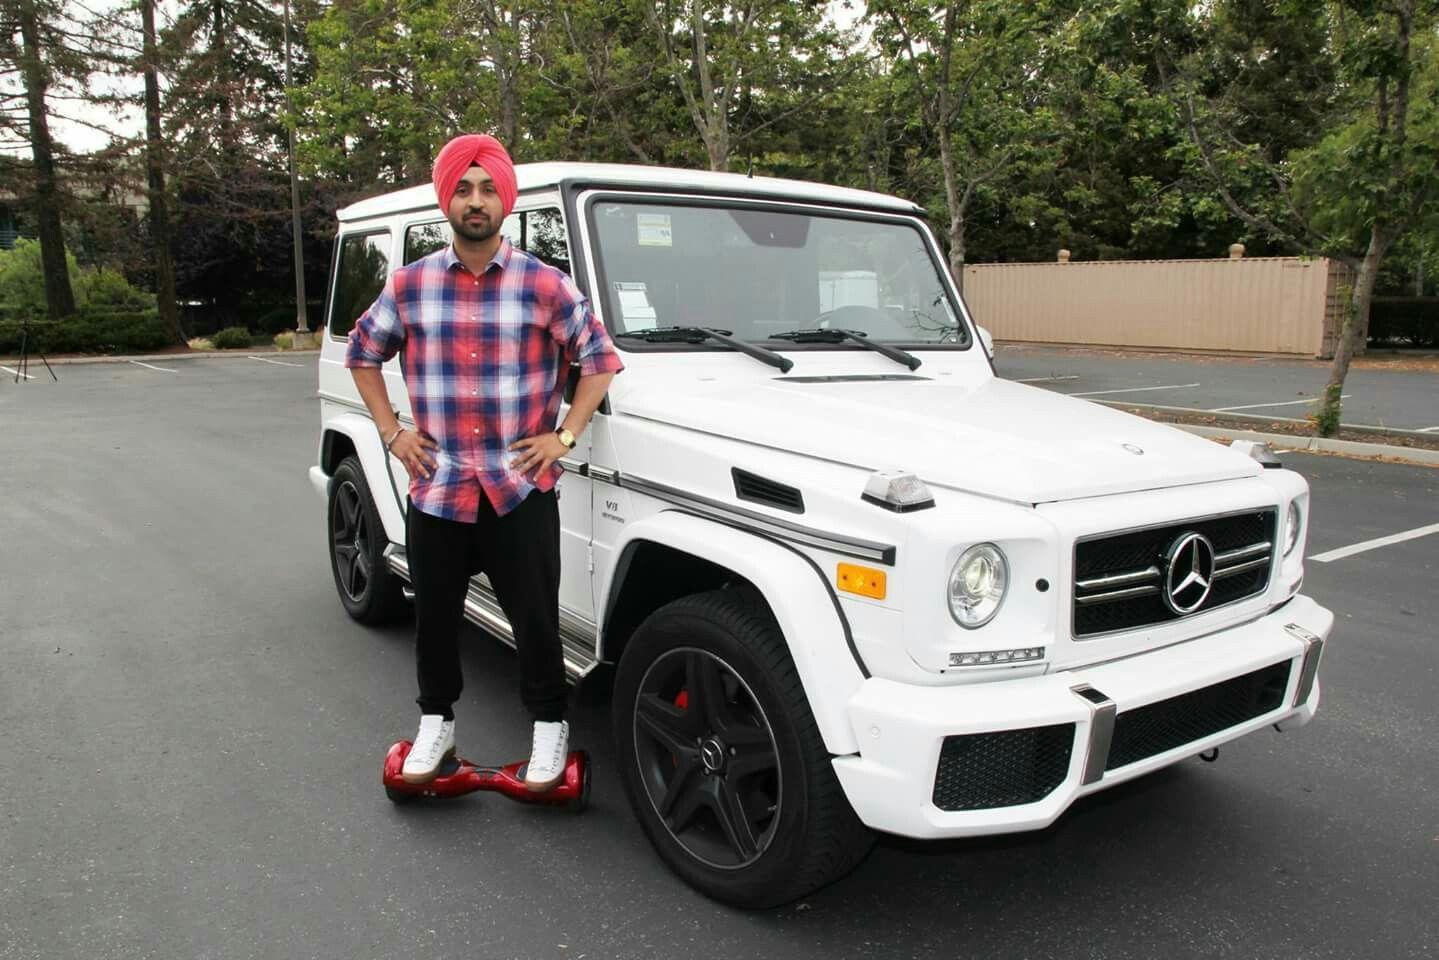 Diljit Dosanjh Car Collection: